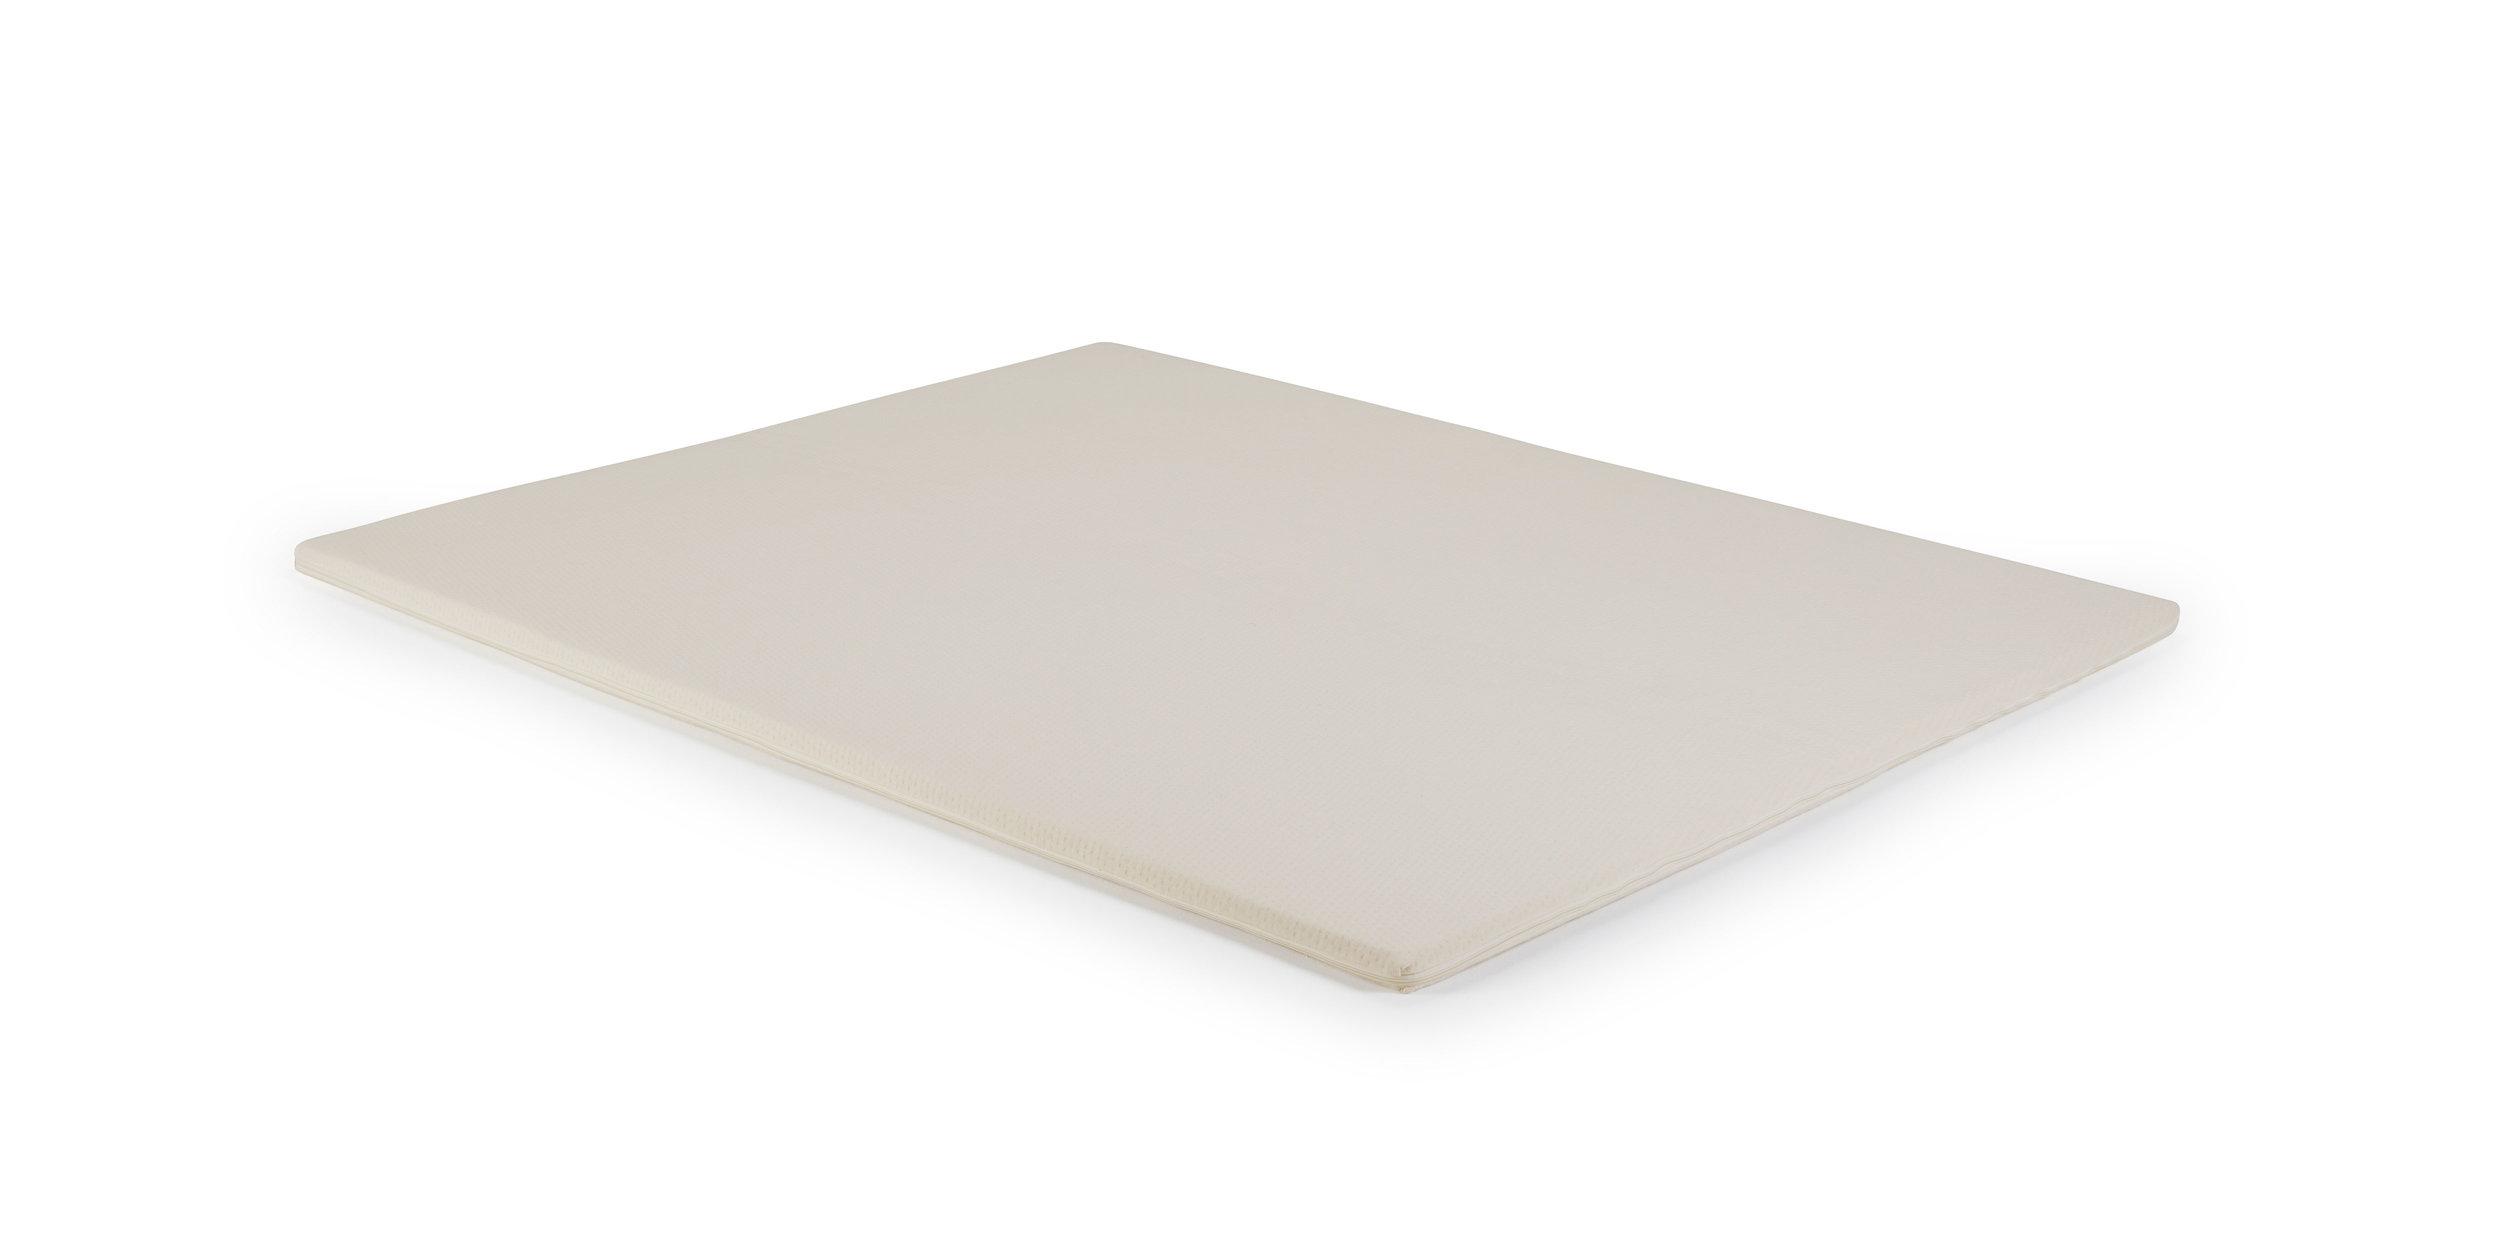 re-mattress-topper-classic-1.jpg